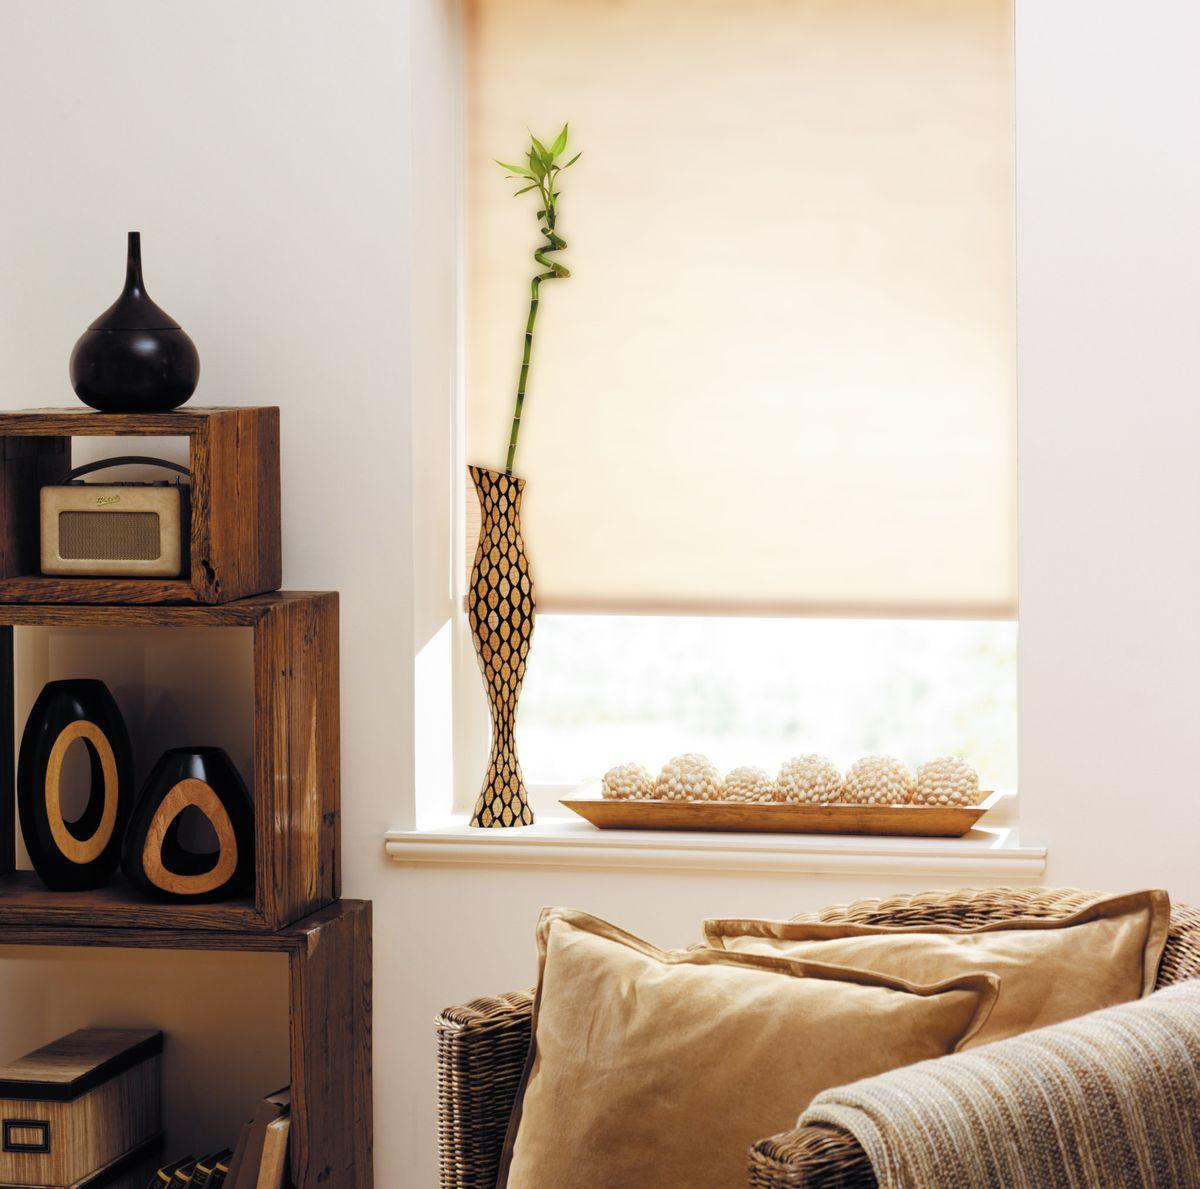 Штора рулонная для балконной двери Эскар Миниролло. Однотонные, цвет: бежевый лен, ширина 52 см, высота 215 см30409052215Рулонная штора Эскар Миниролло выполнена из высокопрочной ткани, которая сохраняет свой размер даже при намокании. Ткань не выцветает и обладает отличной цветоустойчивостью.Миниролло - это подвид рулонных штор, который закрывает не весь оконный проем, а непосредственно само стекло. Такие шторы крепятся на раму без сверления при помощи зажимов или клейкой двухсторонней ленты (в комплекте). Окно остается на гарантии, благодаря монтажу без сверления. Такая штора станет прекрасным элементом декора окна и гармонично впишется в интерьер любого помещения.